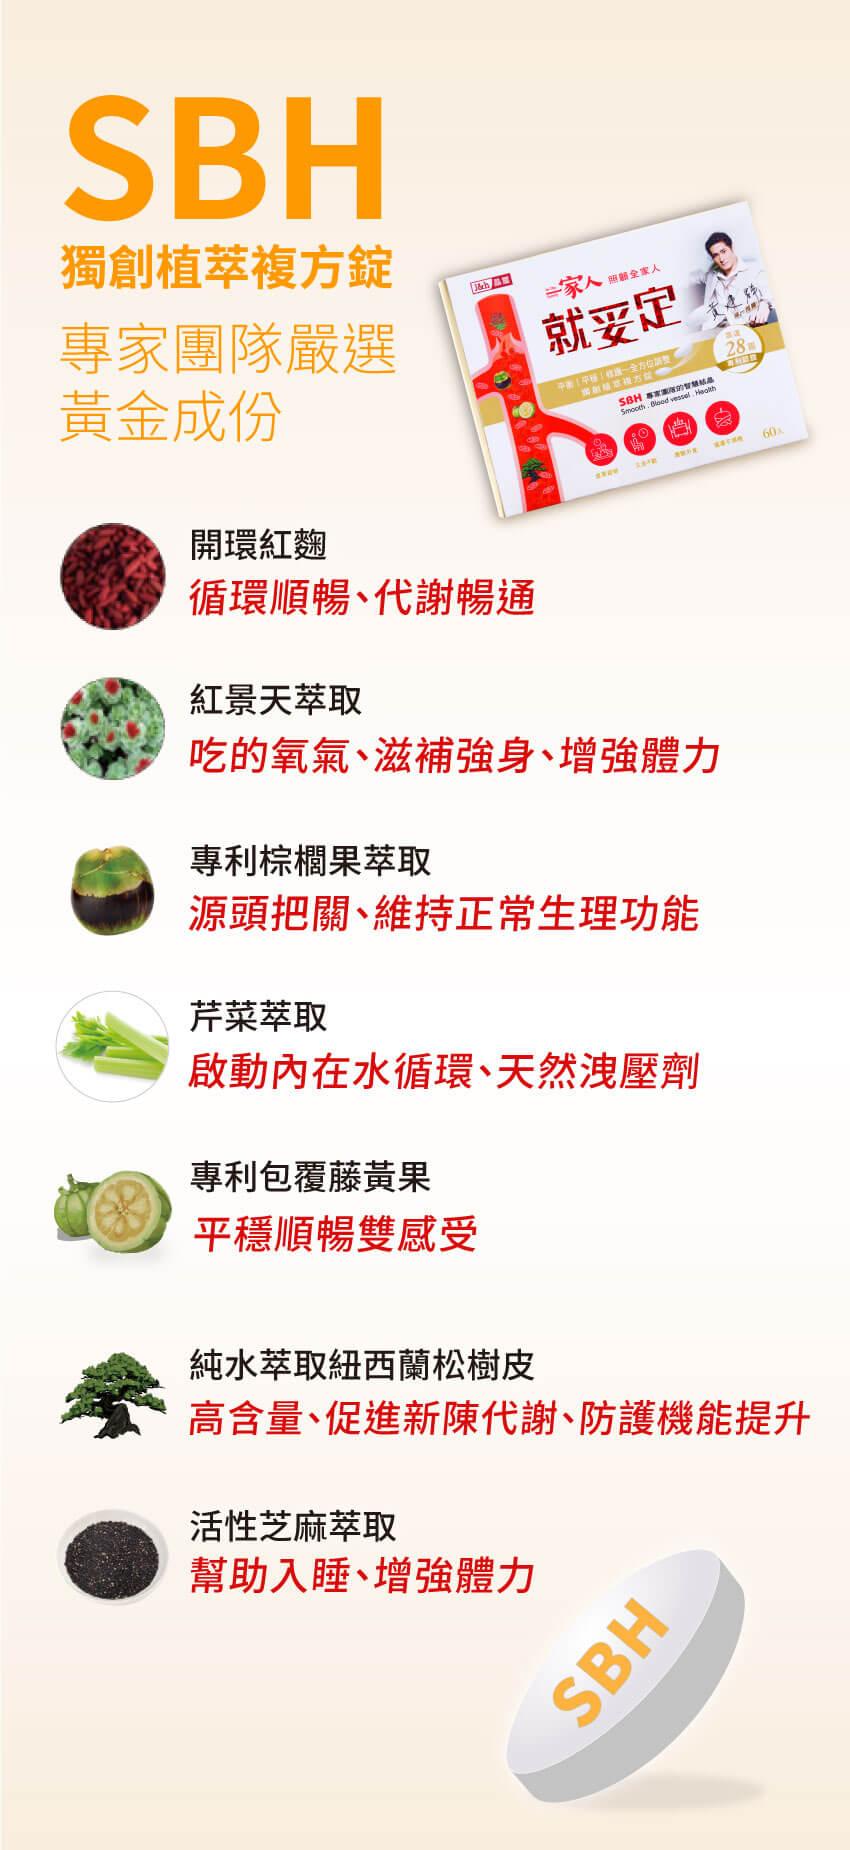 SBH專利,七大天然成分,專利包覆藤黃果,芹菜萃取,專利棕櫚果萃取,純水萃取紐西蘭松樹皮,開環紅麴,紅景天萃取,活性芝麻萃取